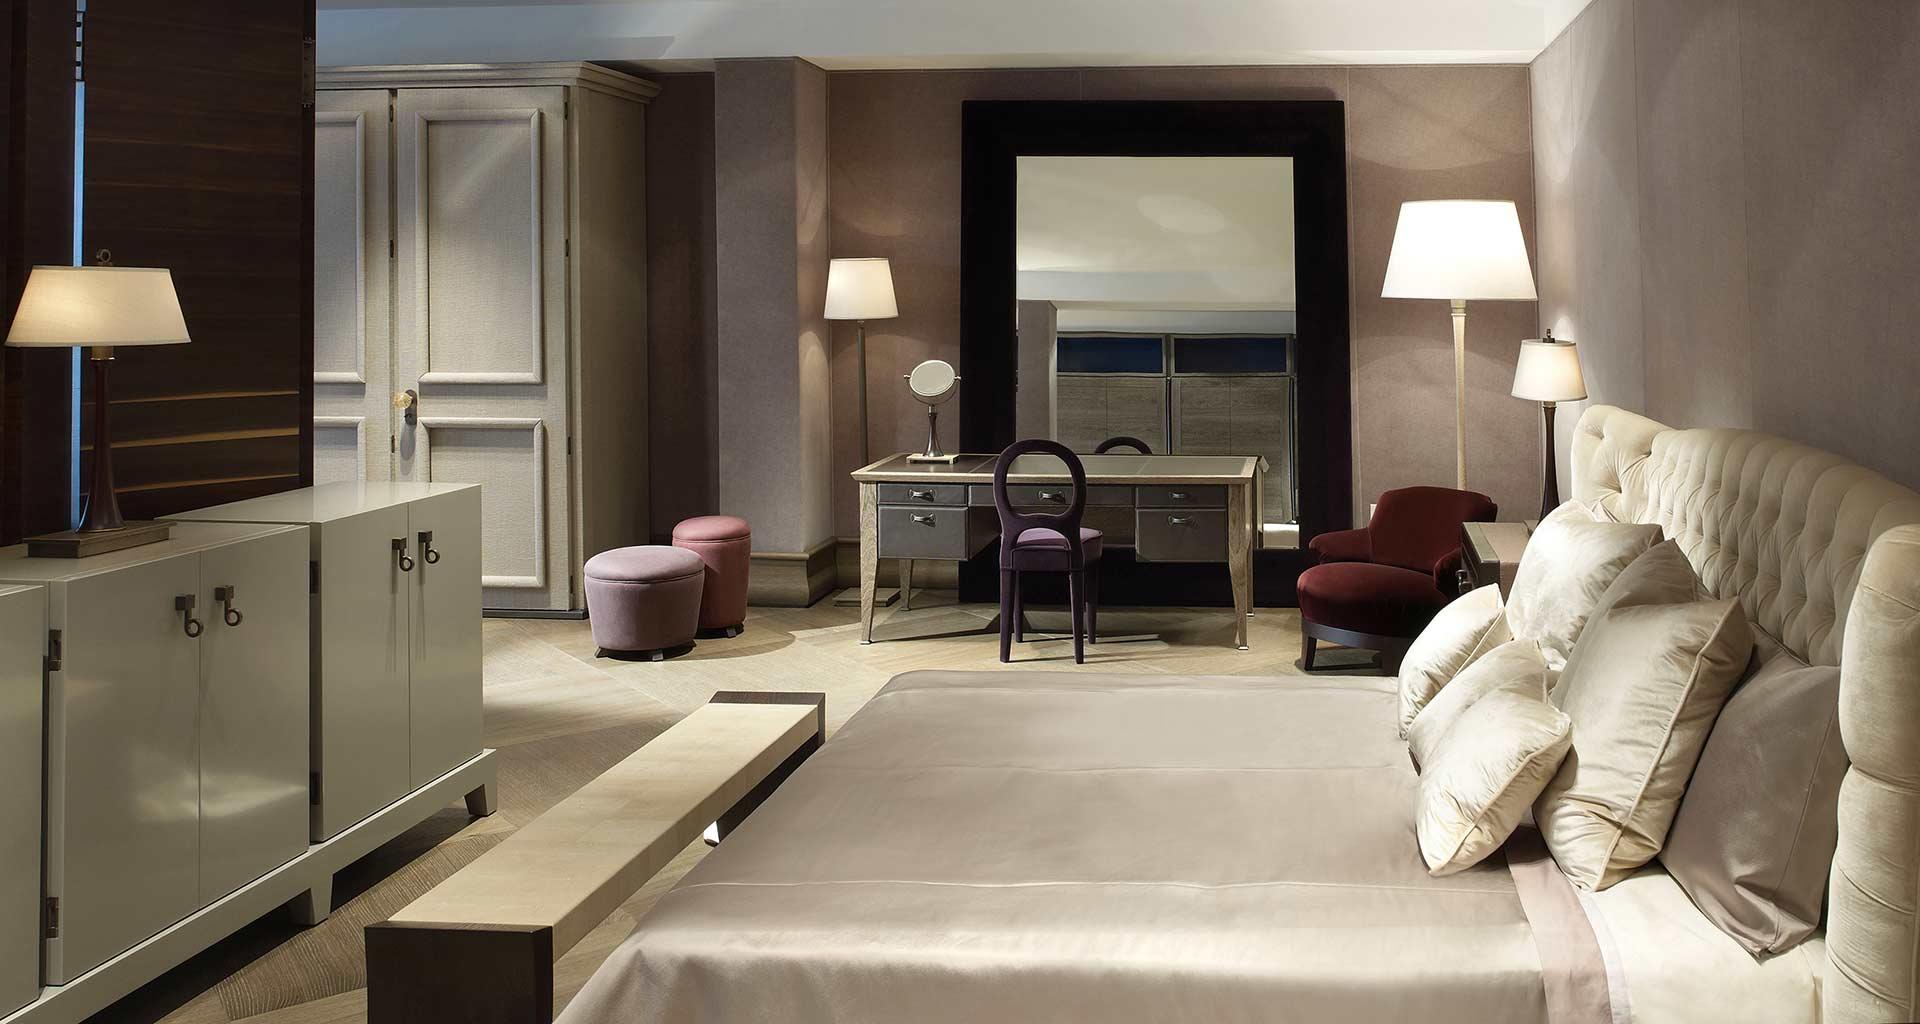 Bedroom in Promemoria's single-brand showroom in New York | Promemoria